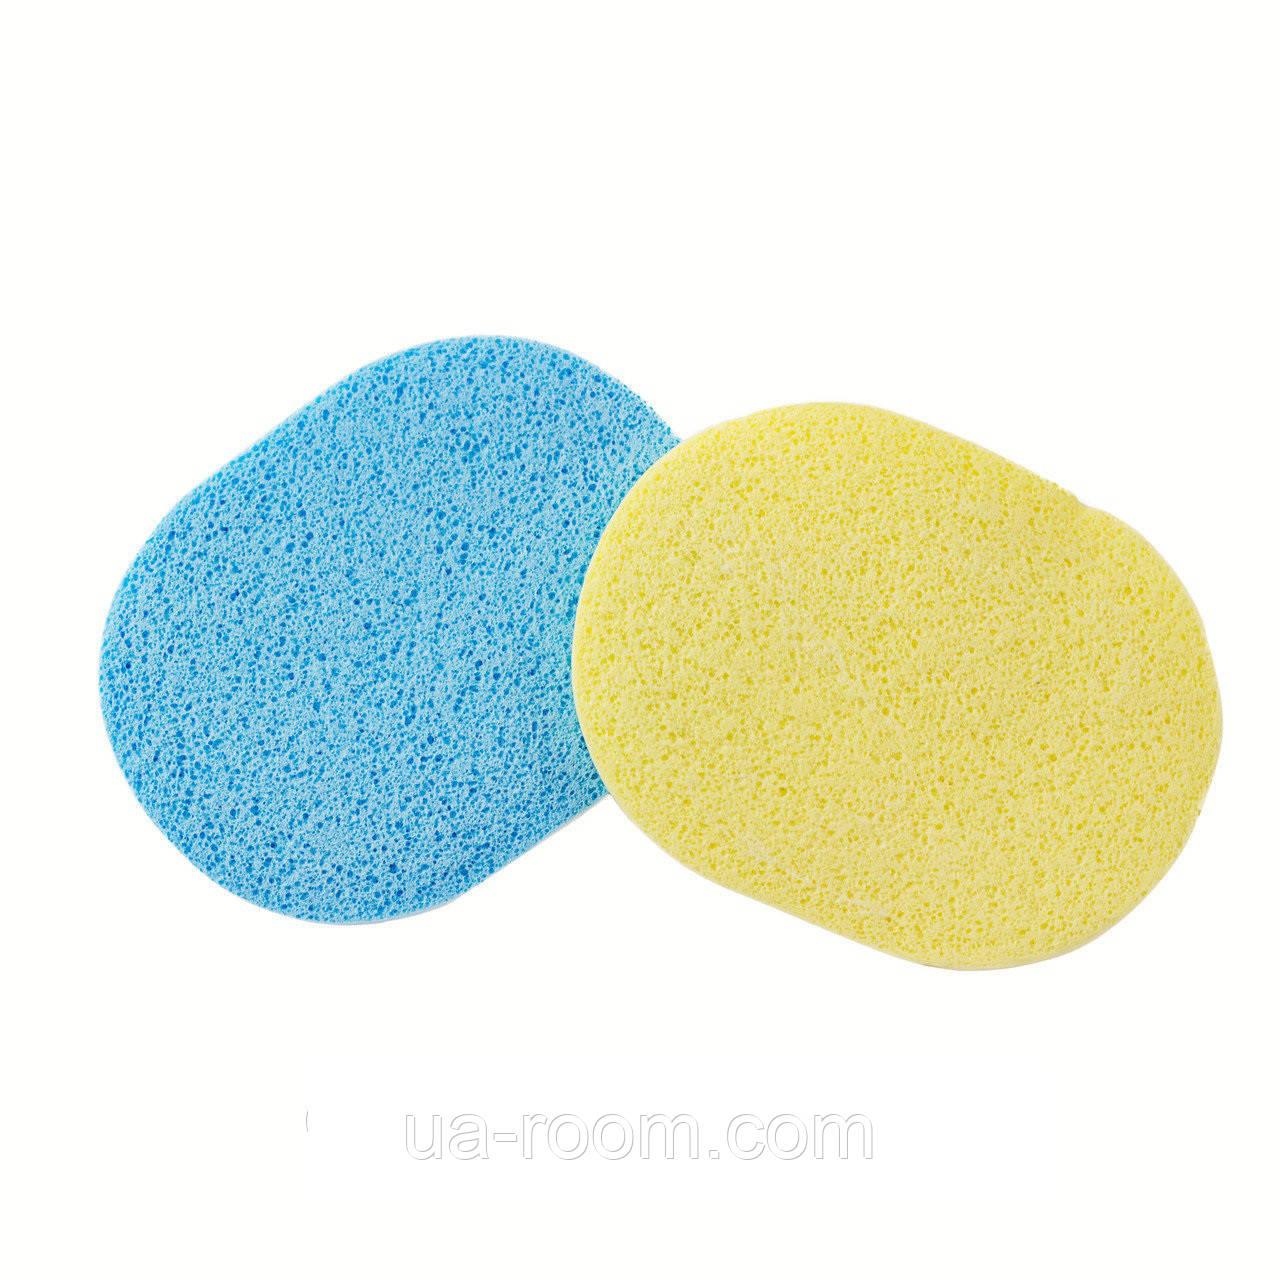 Спонж-губка для очищения кожи Lily (н-р 2 шт) LC-012